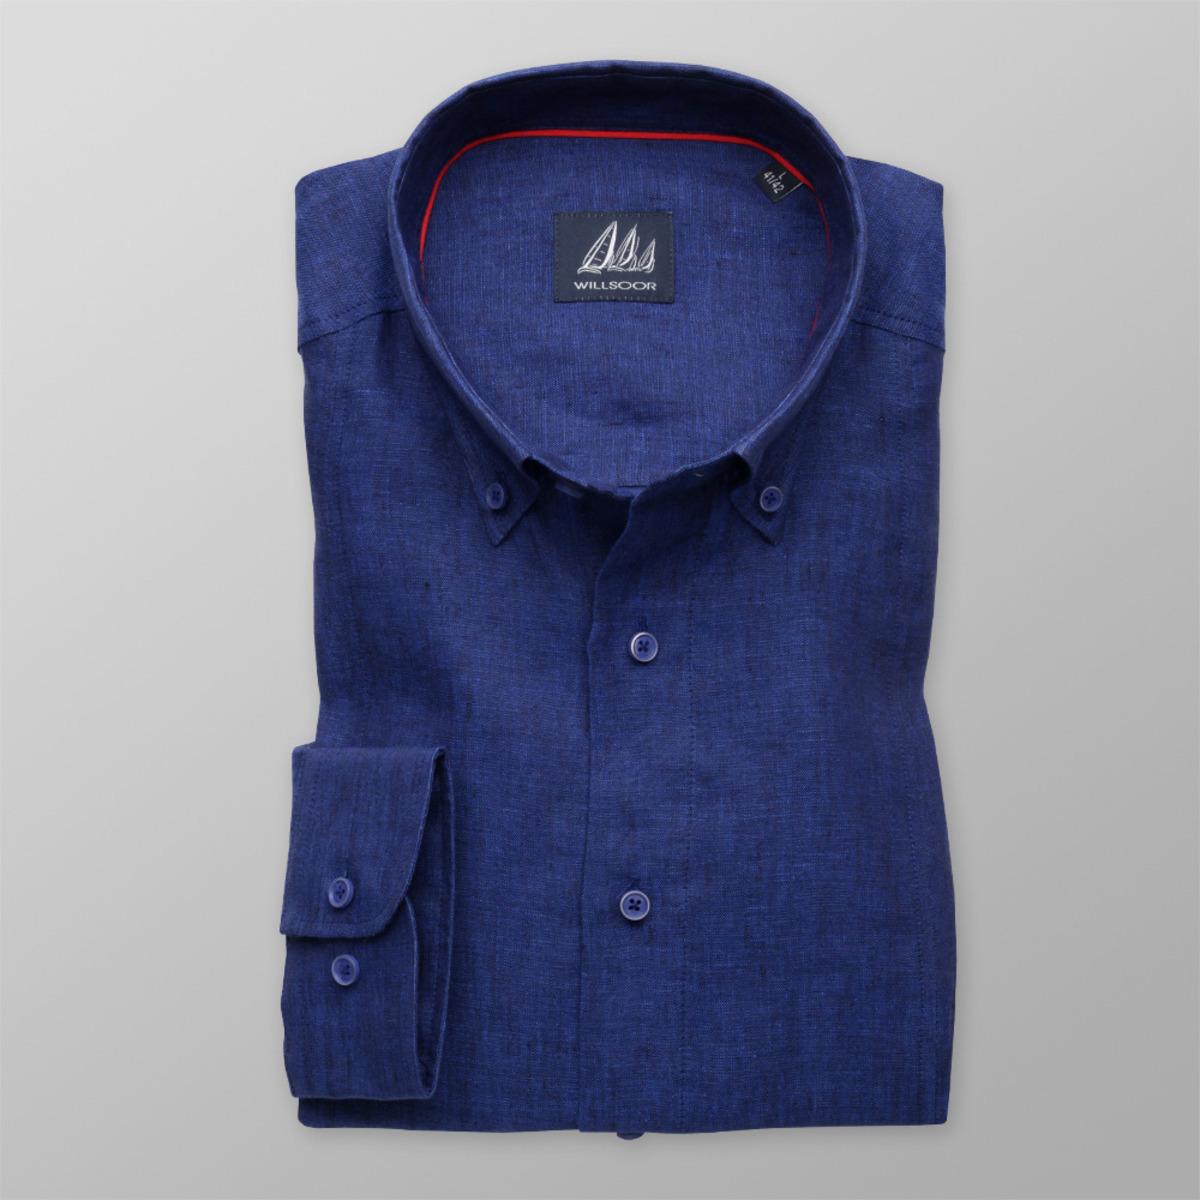 Košeľa Classic (všetky výšky) 9494 176-182 / L (41/42)